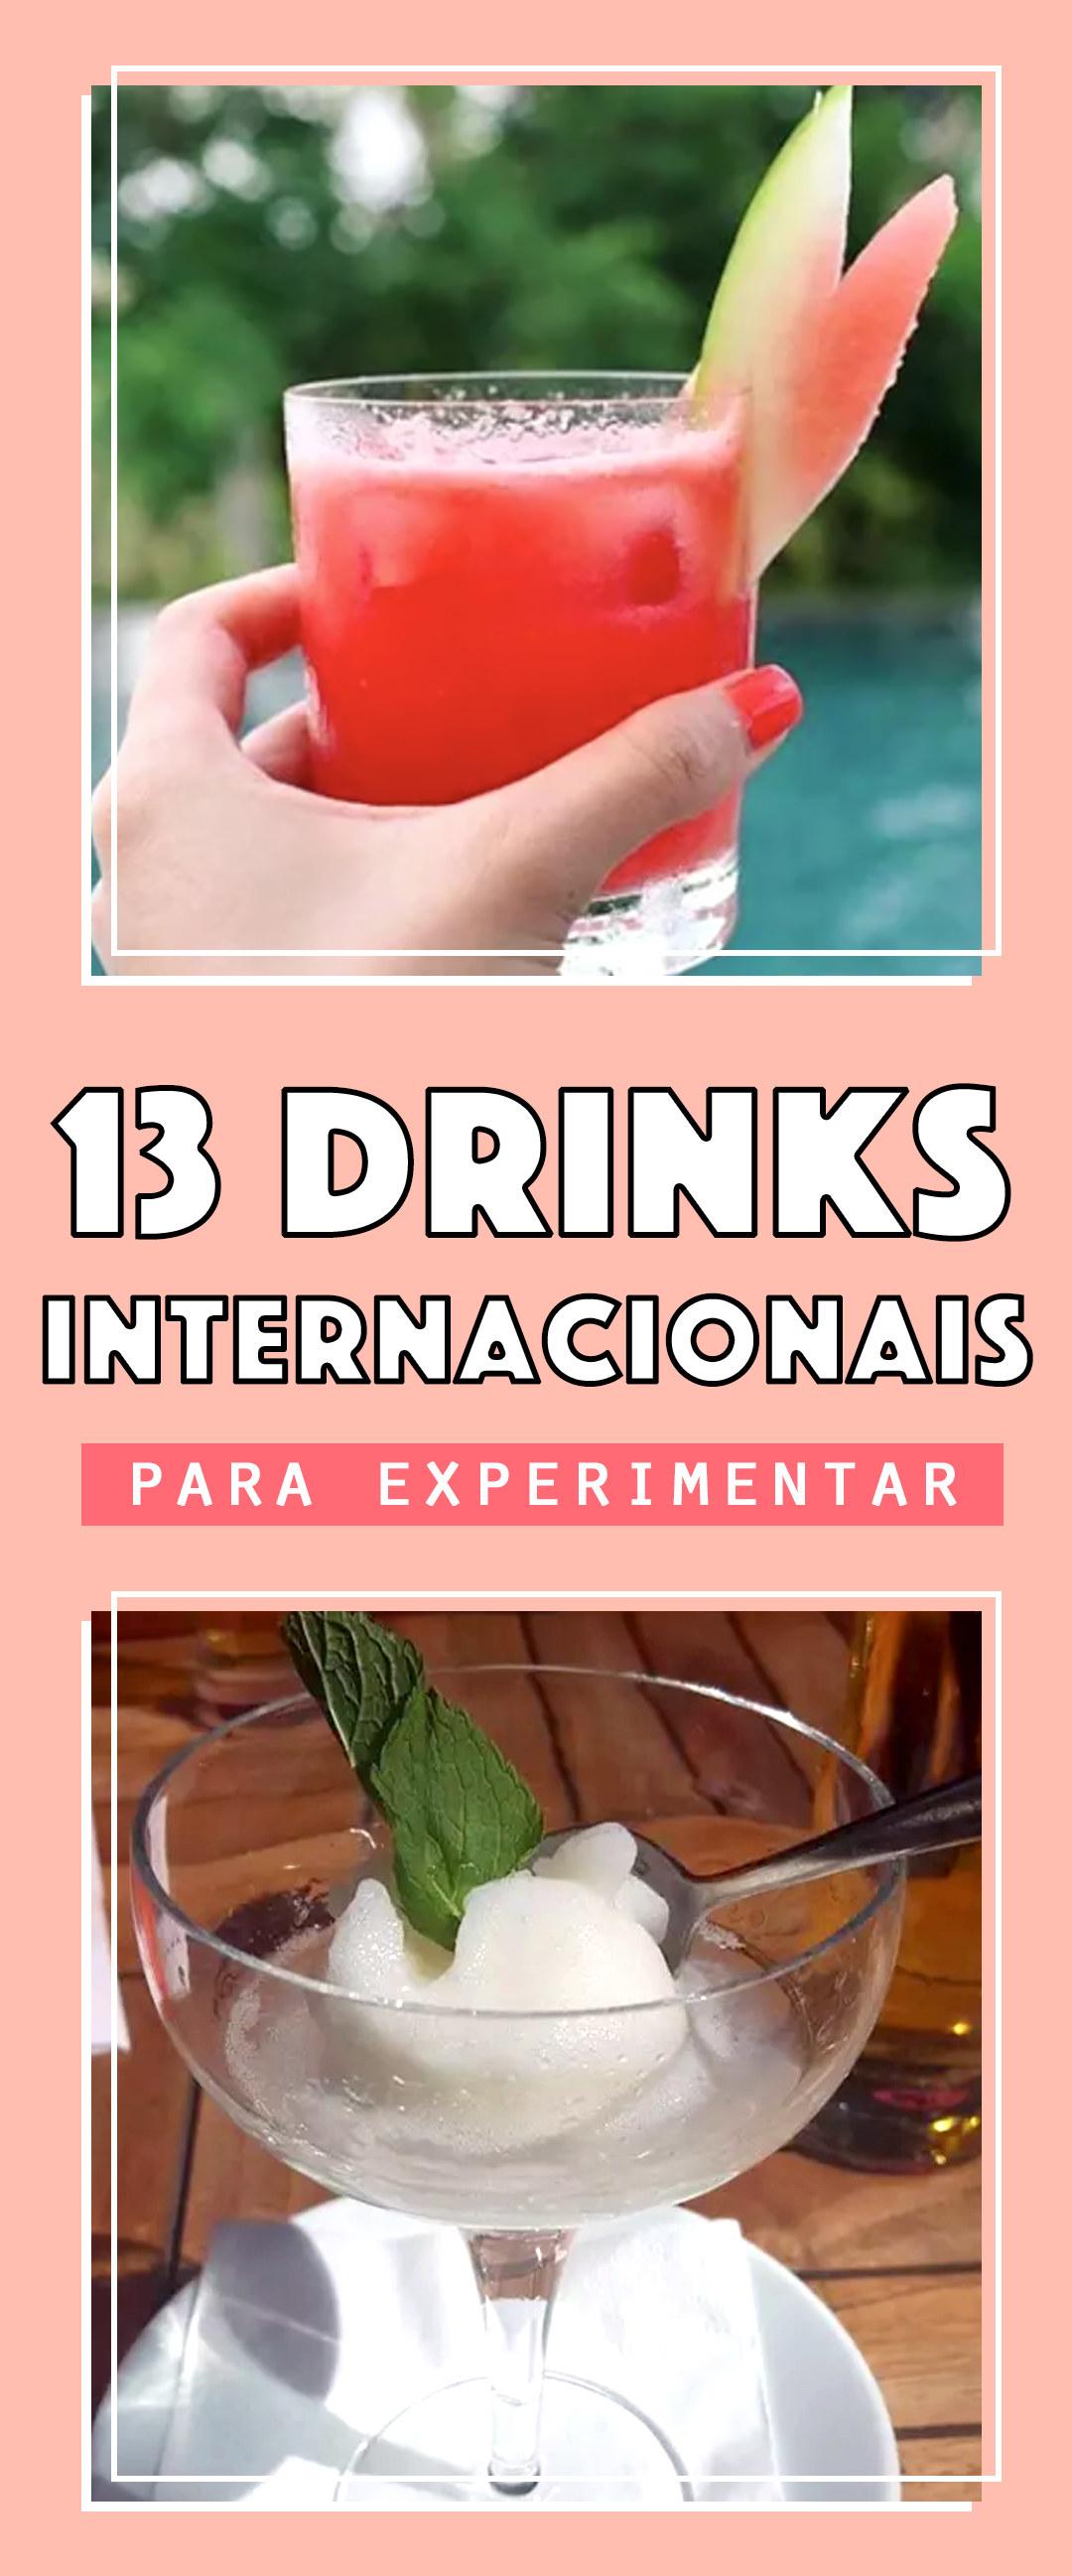 13 drinks diferentões que podem parecer meio estranhos, mas são deliciosos